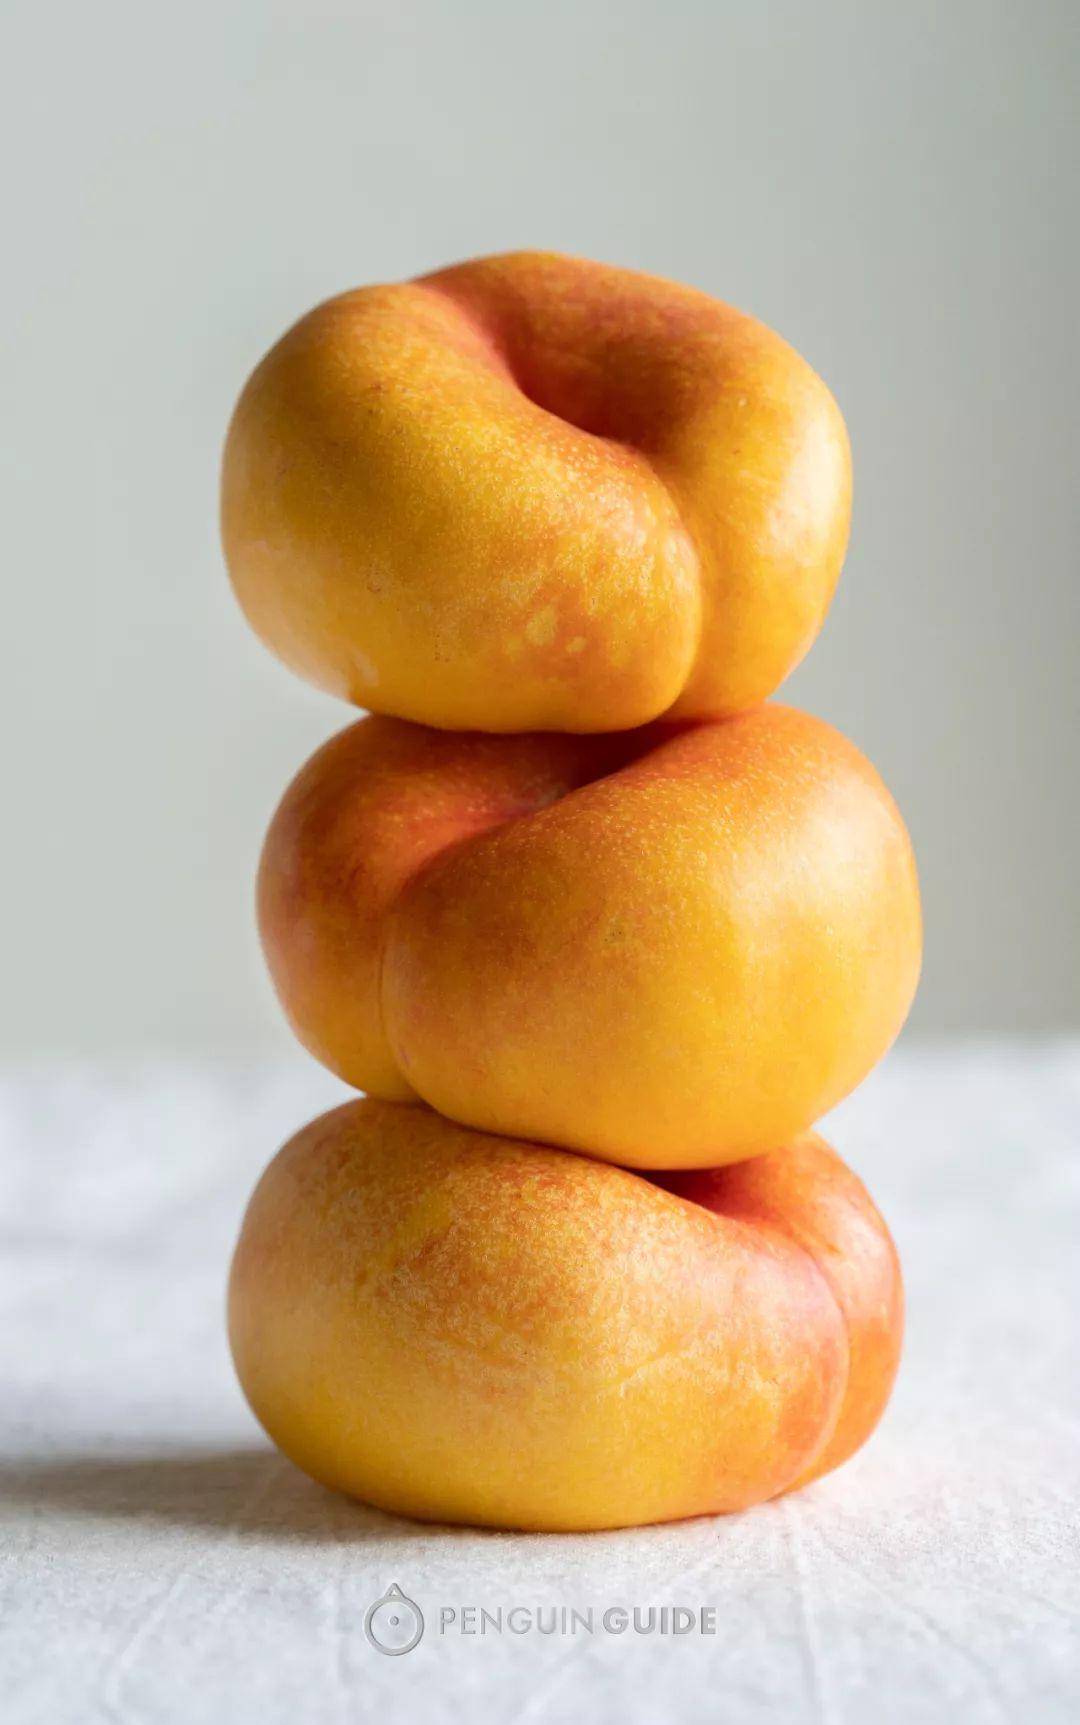 黄桃+油桃+蟠桃,一口等于吃了三种桃!